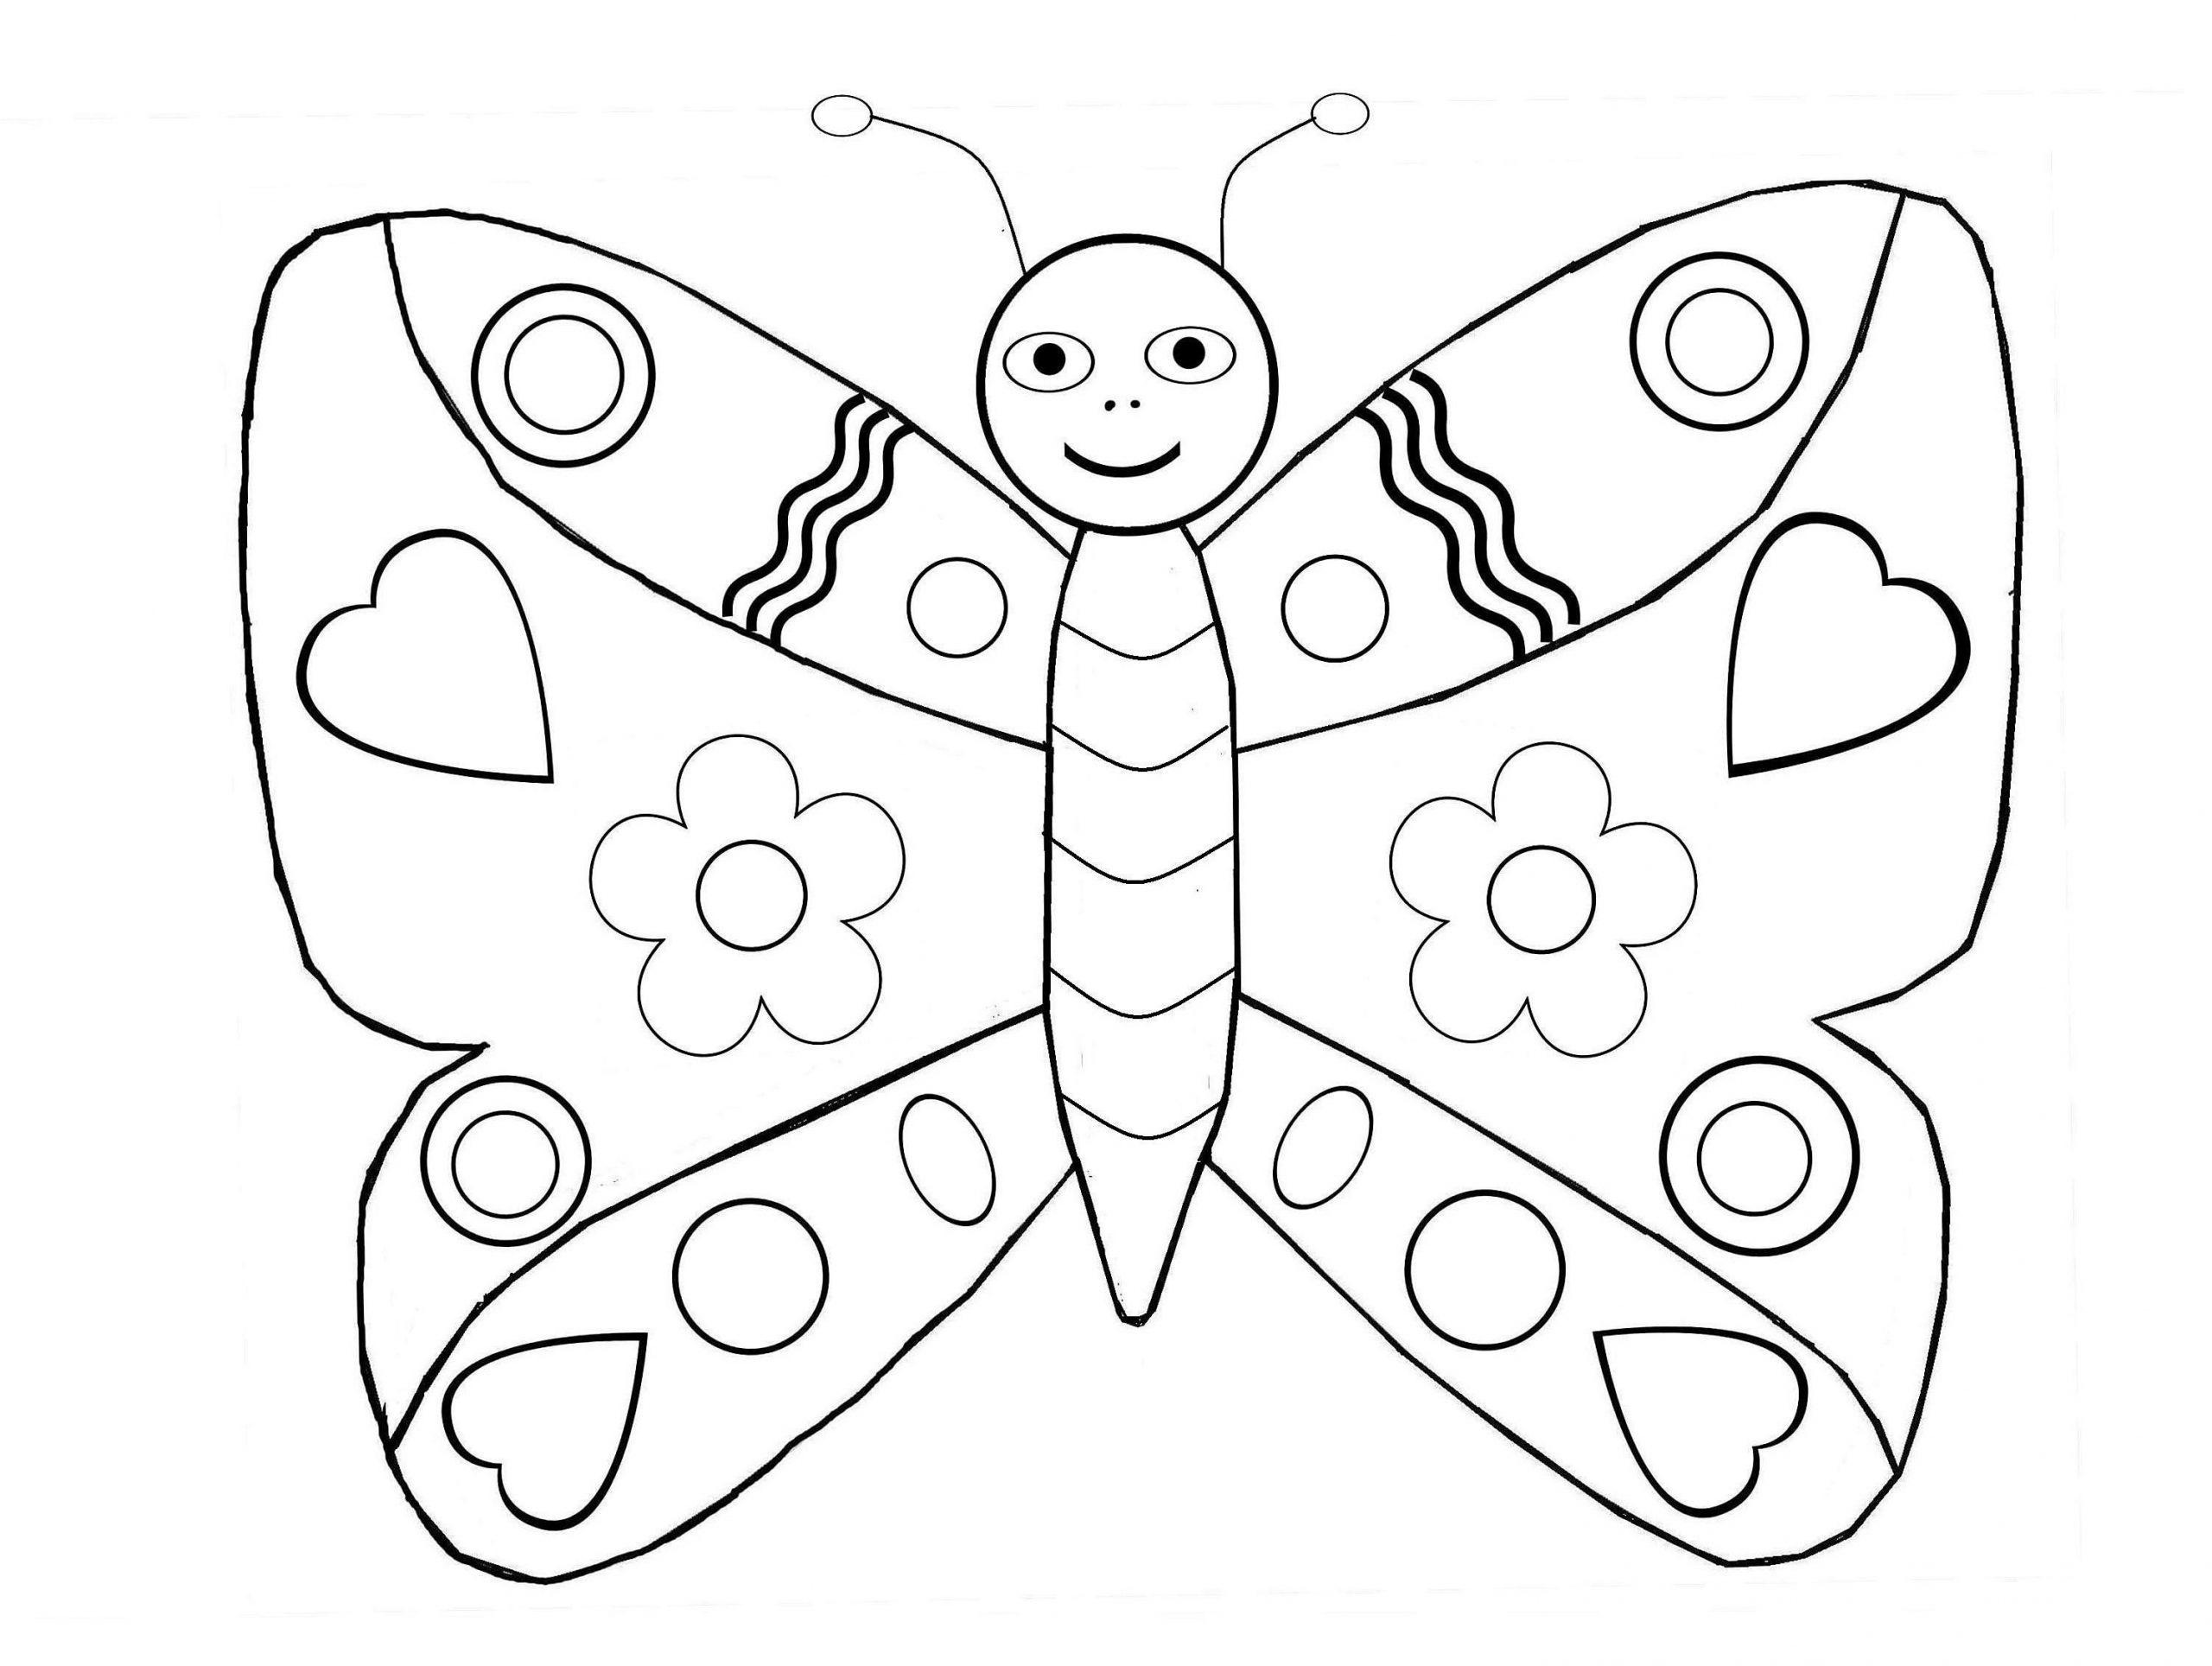 Beau Coloriage 3 Ans A Imprimer Gratuit | Coloriage Enfant avec Jeux Papillon Gratuits Ligne